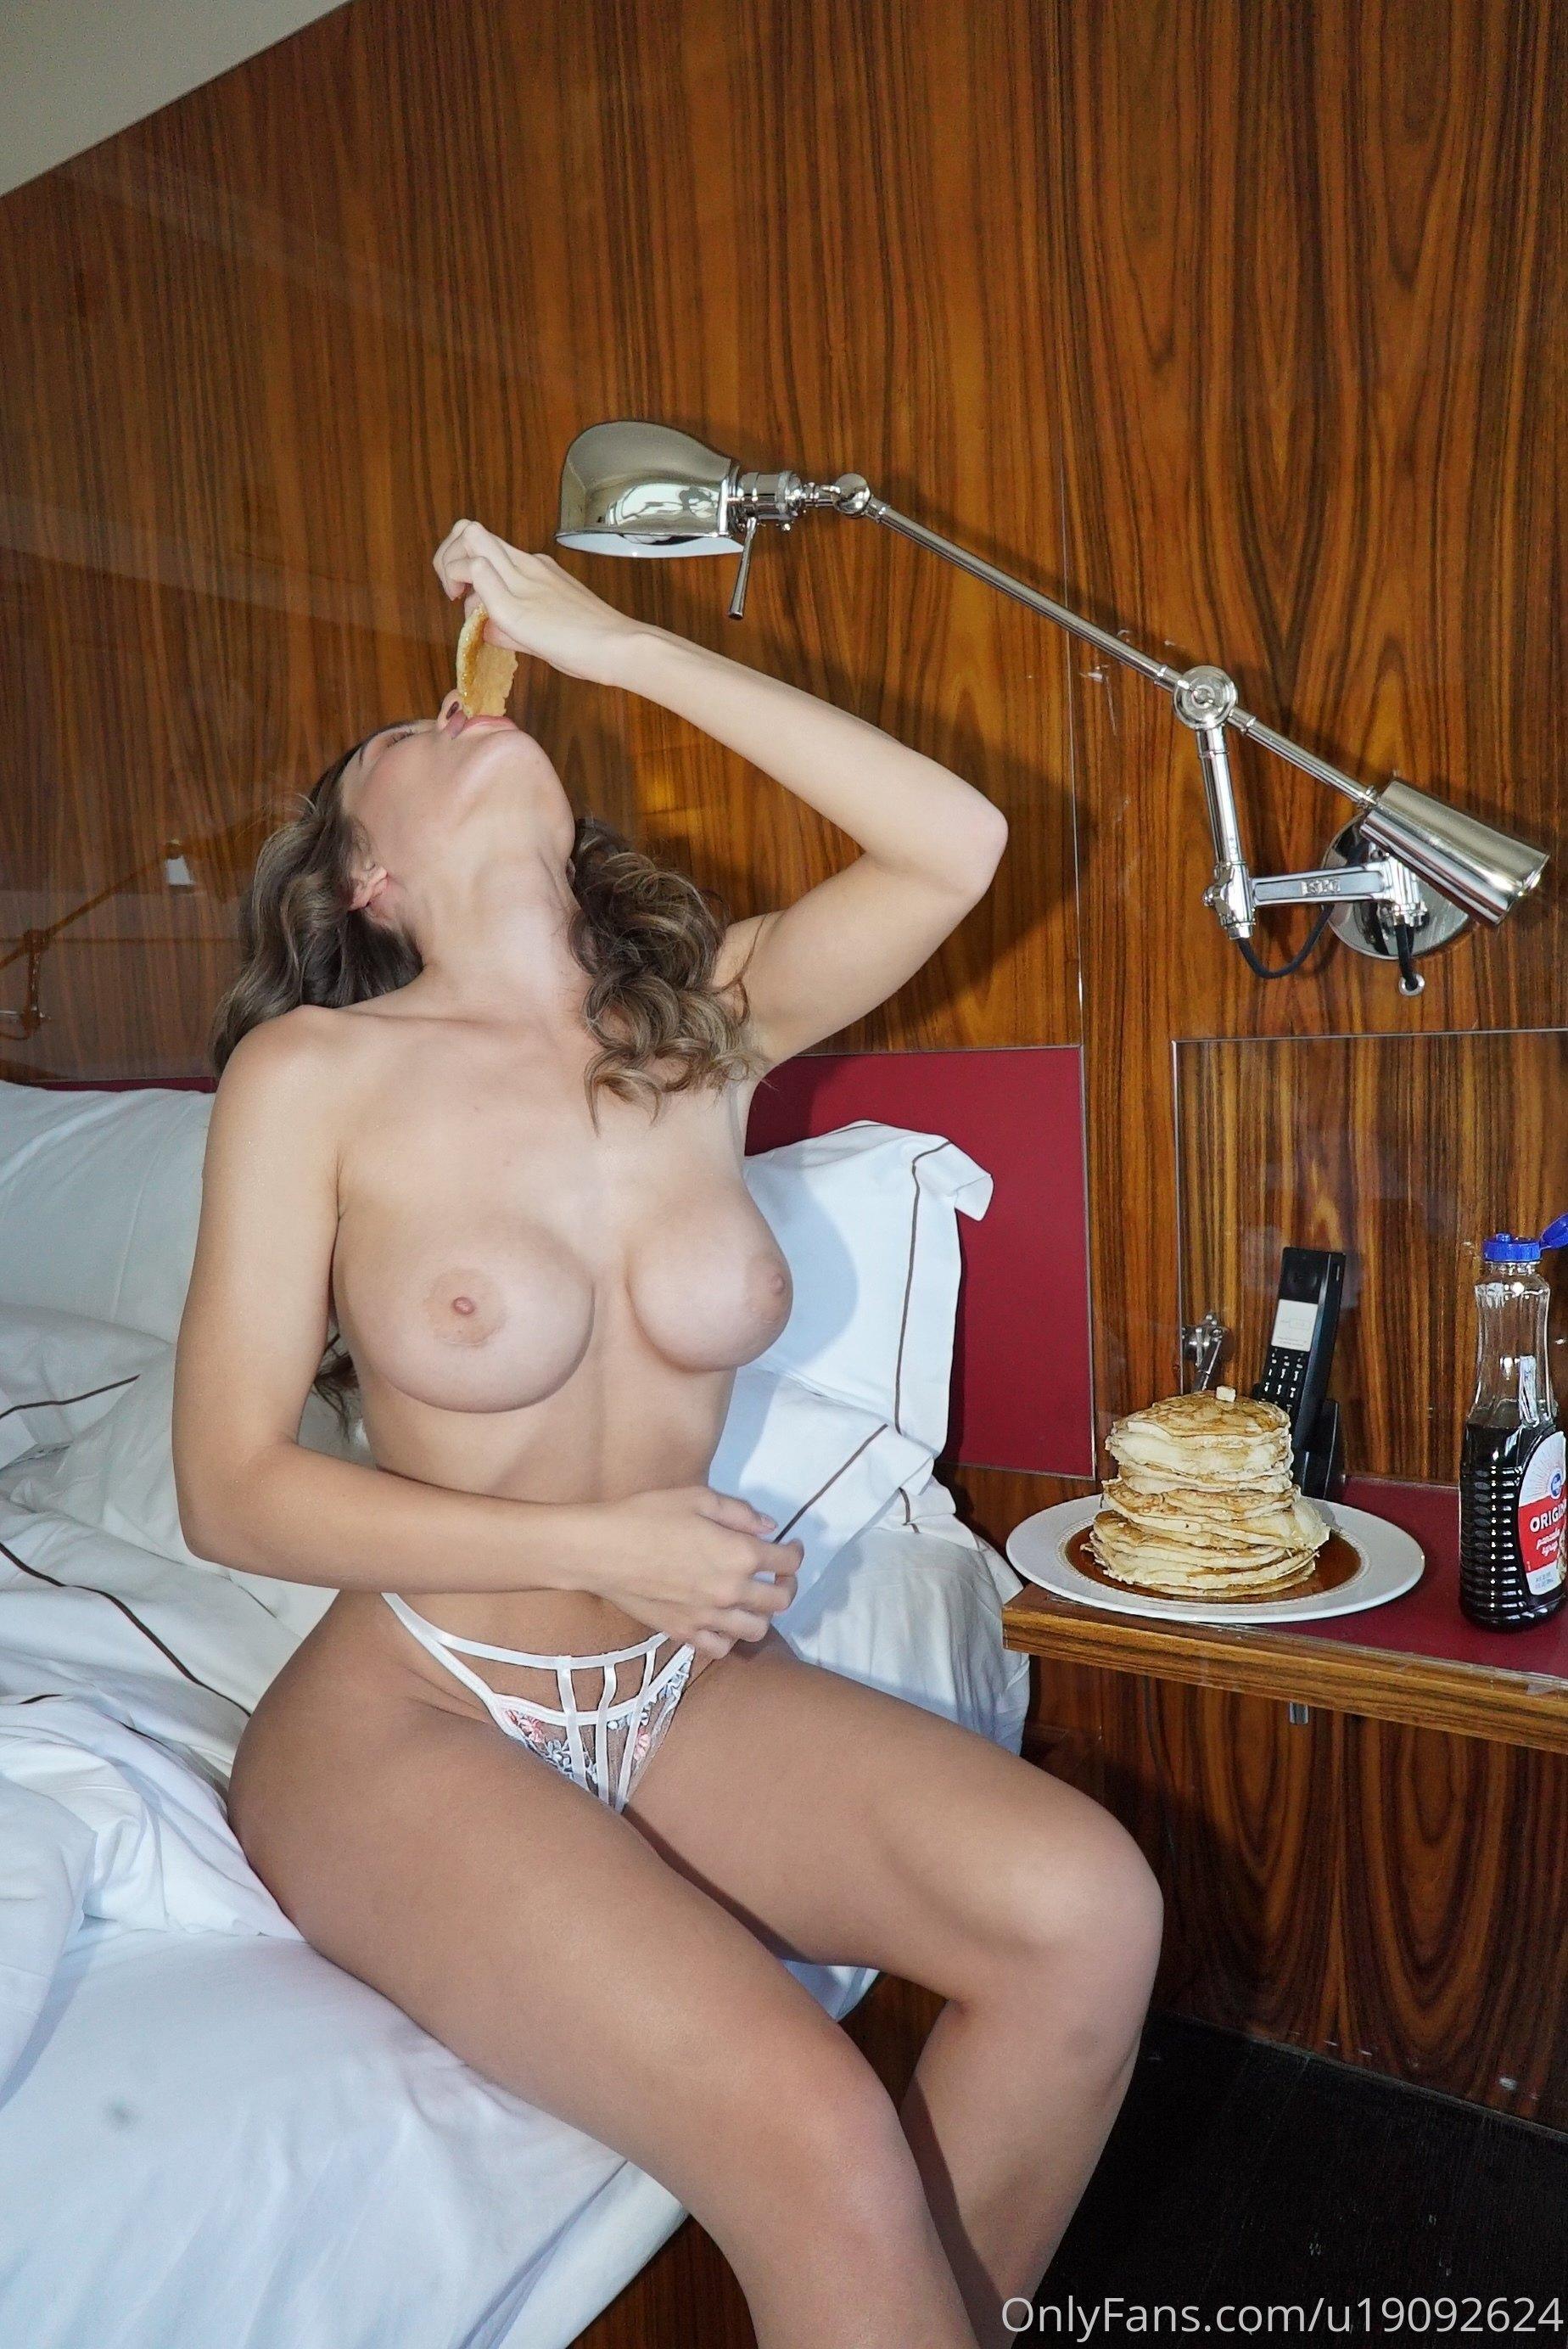 Lana Rhoades, Lanarhoades, Onlyfans Nude Leaks 0025